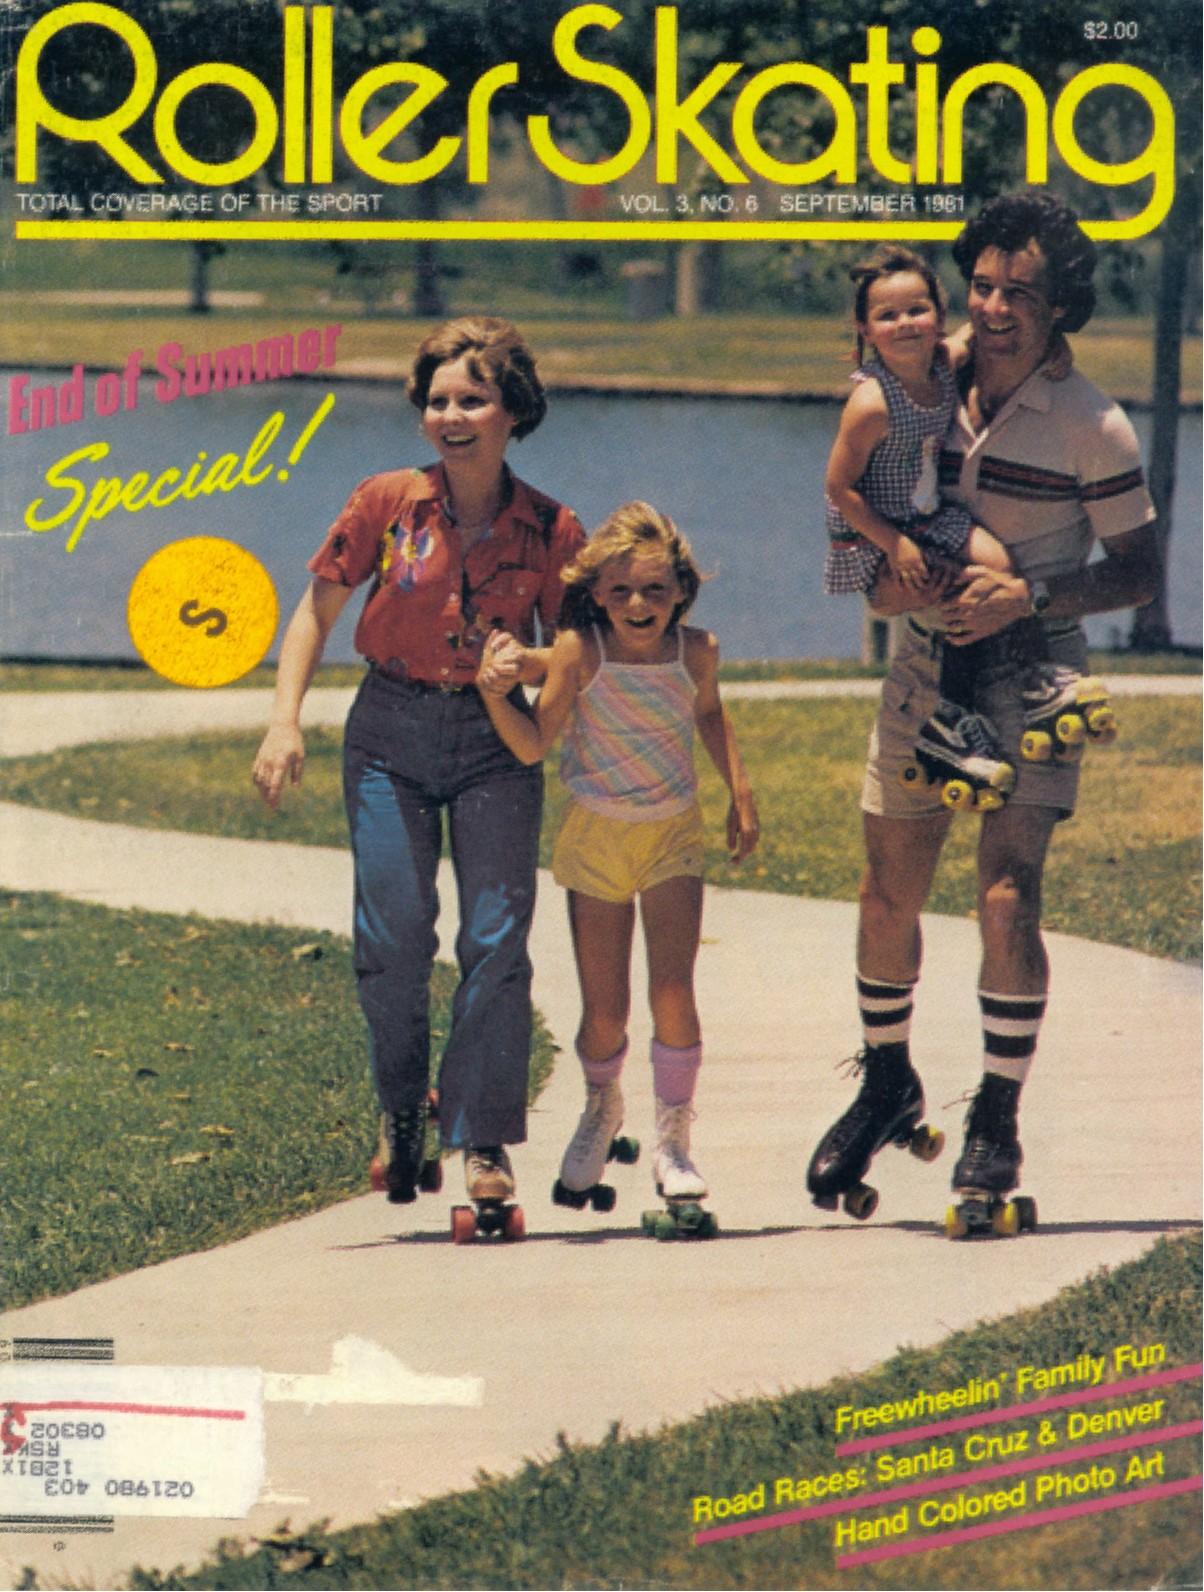 Roller skating denver - Roller Skating Magazine September 1981